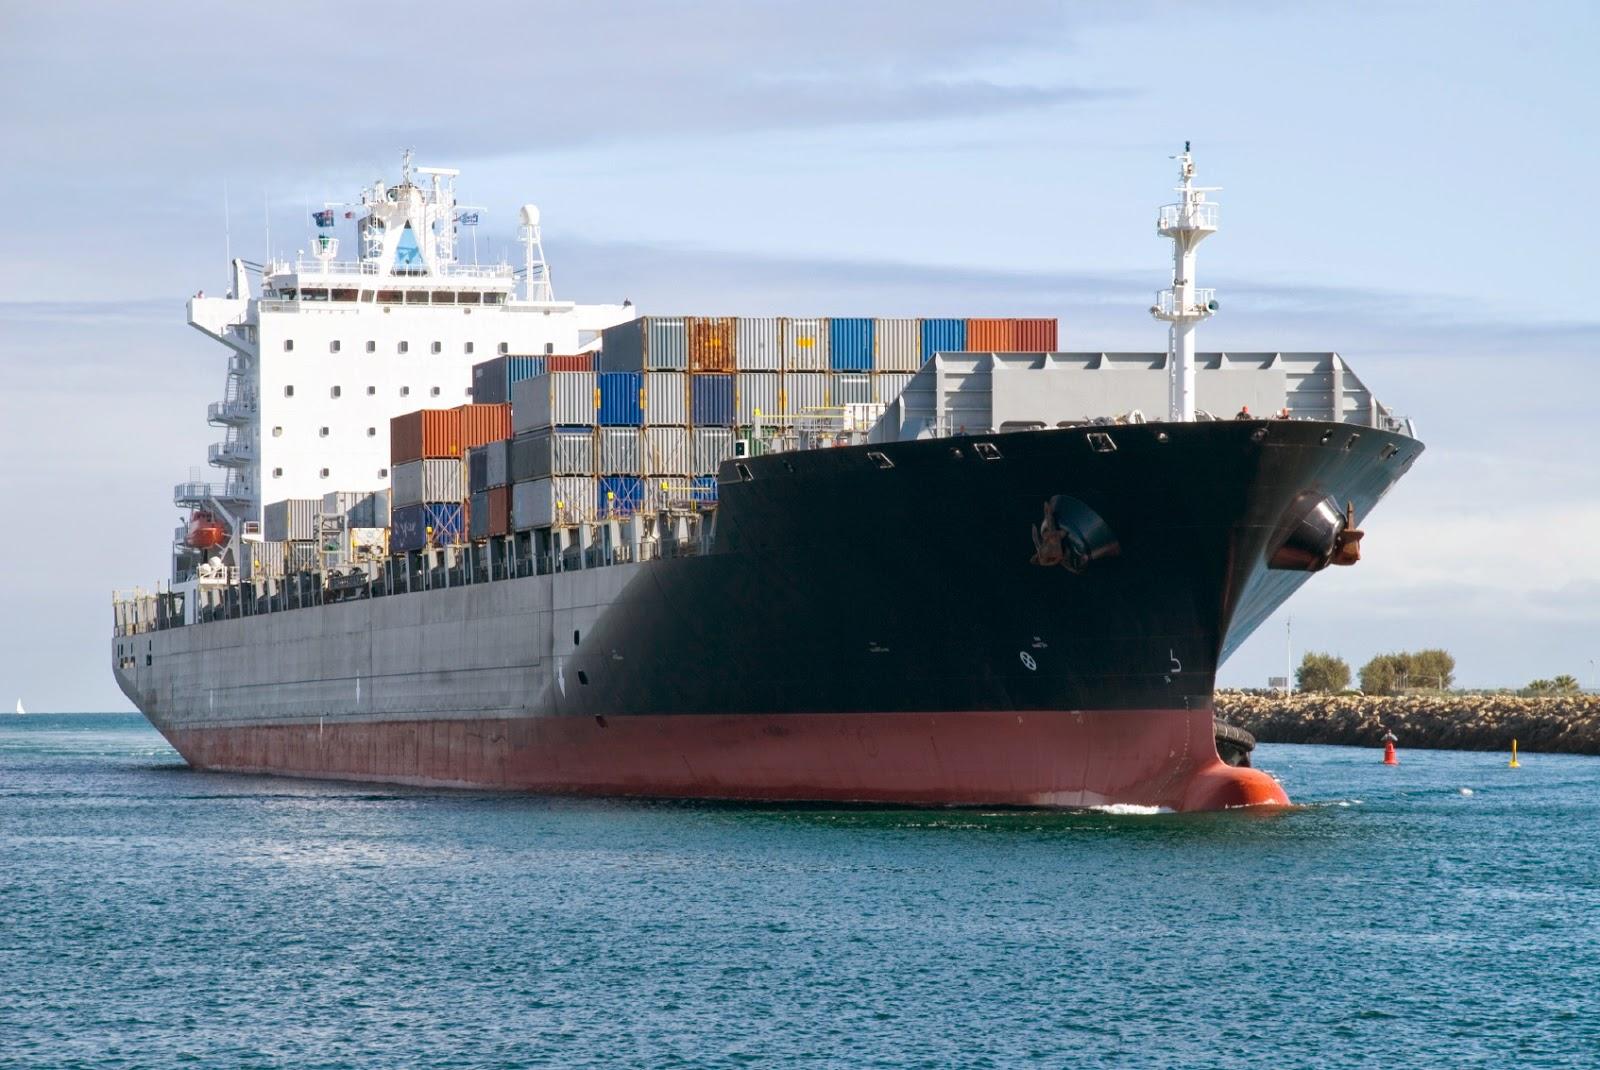 Kapal kargo,kapal pengangkut barang,kapal laut